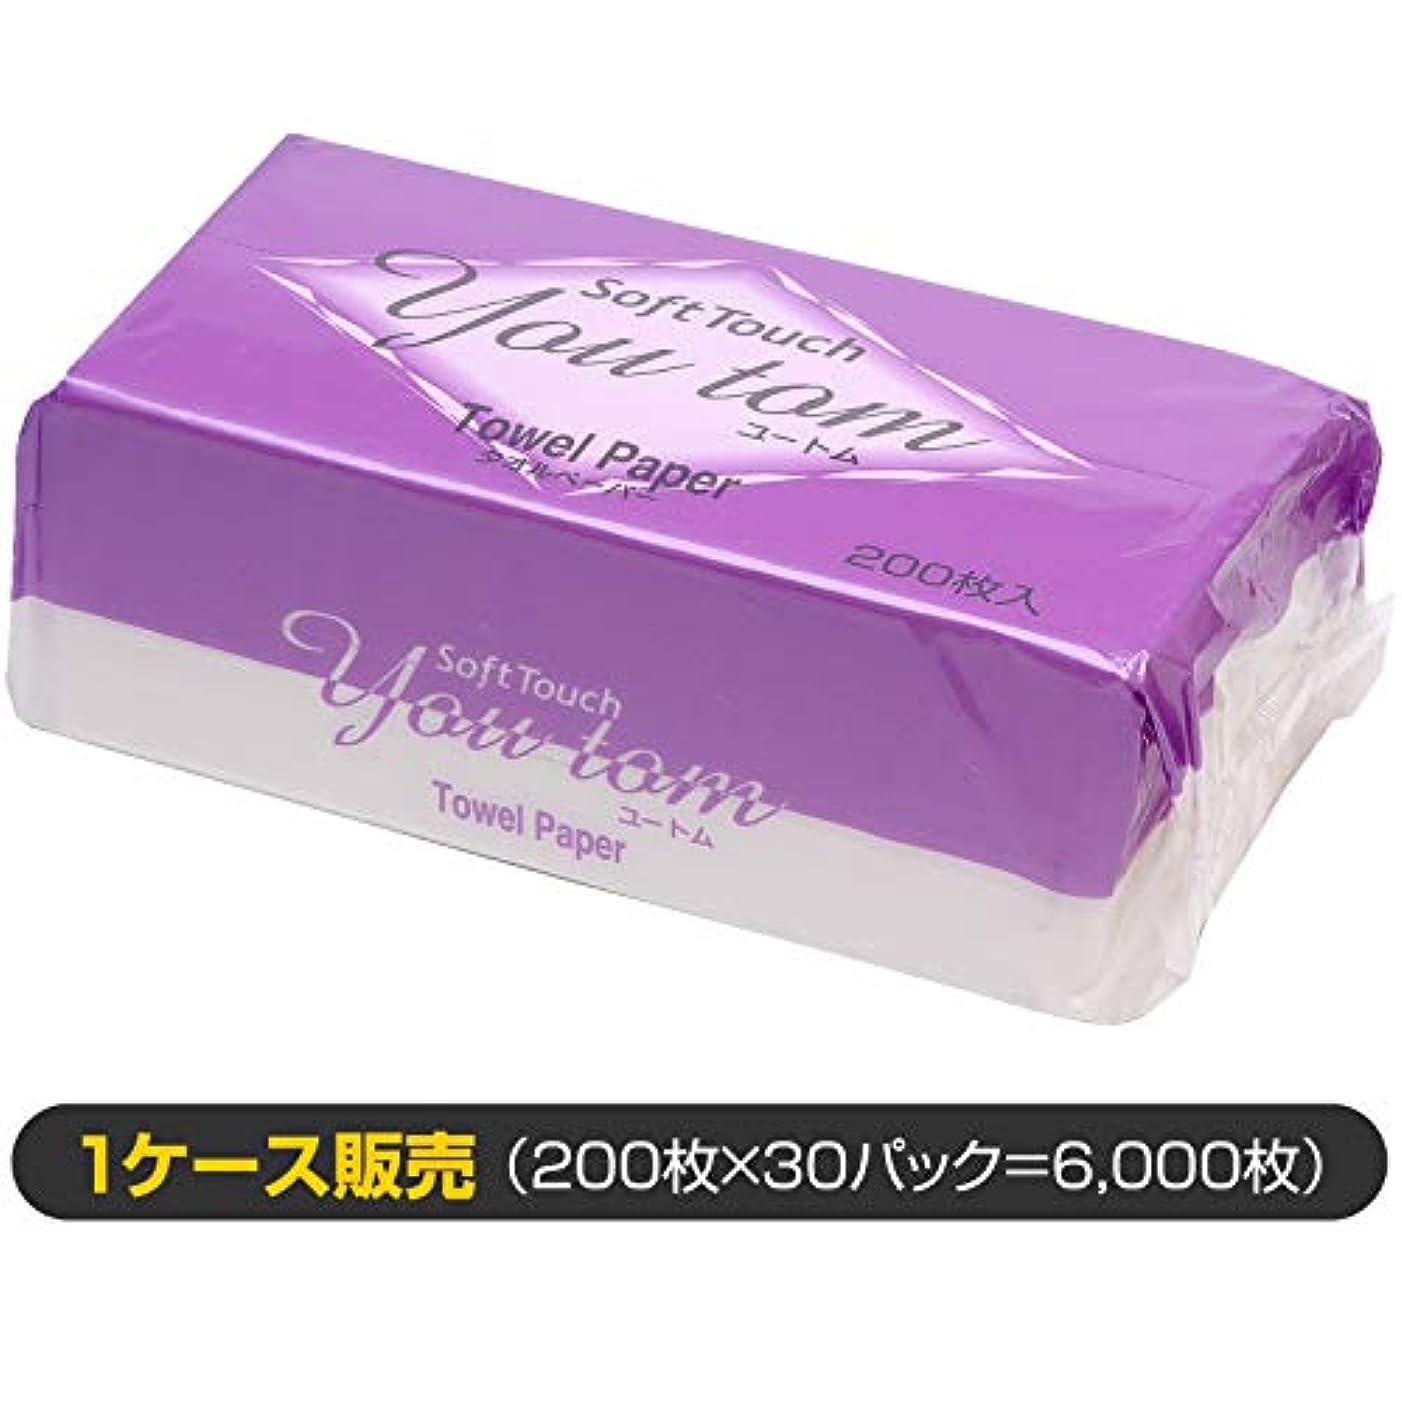 期限切れ約束するみなさんペーパータオル ユートム/1ケース販売(清潔キレイ館/レギュラーサイズ用)